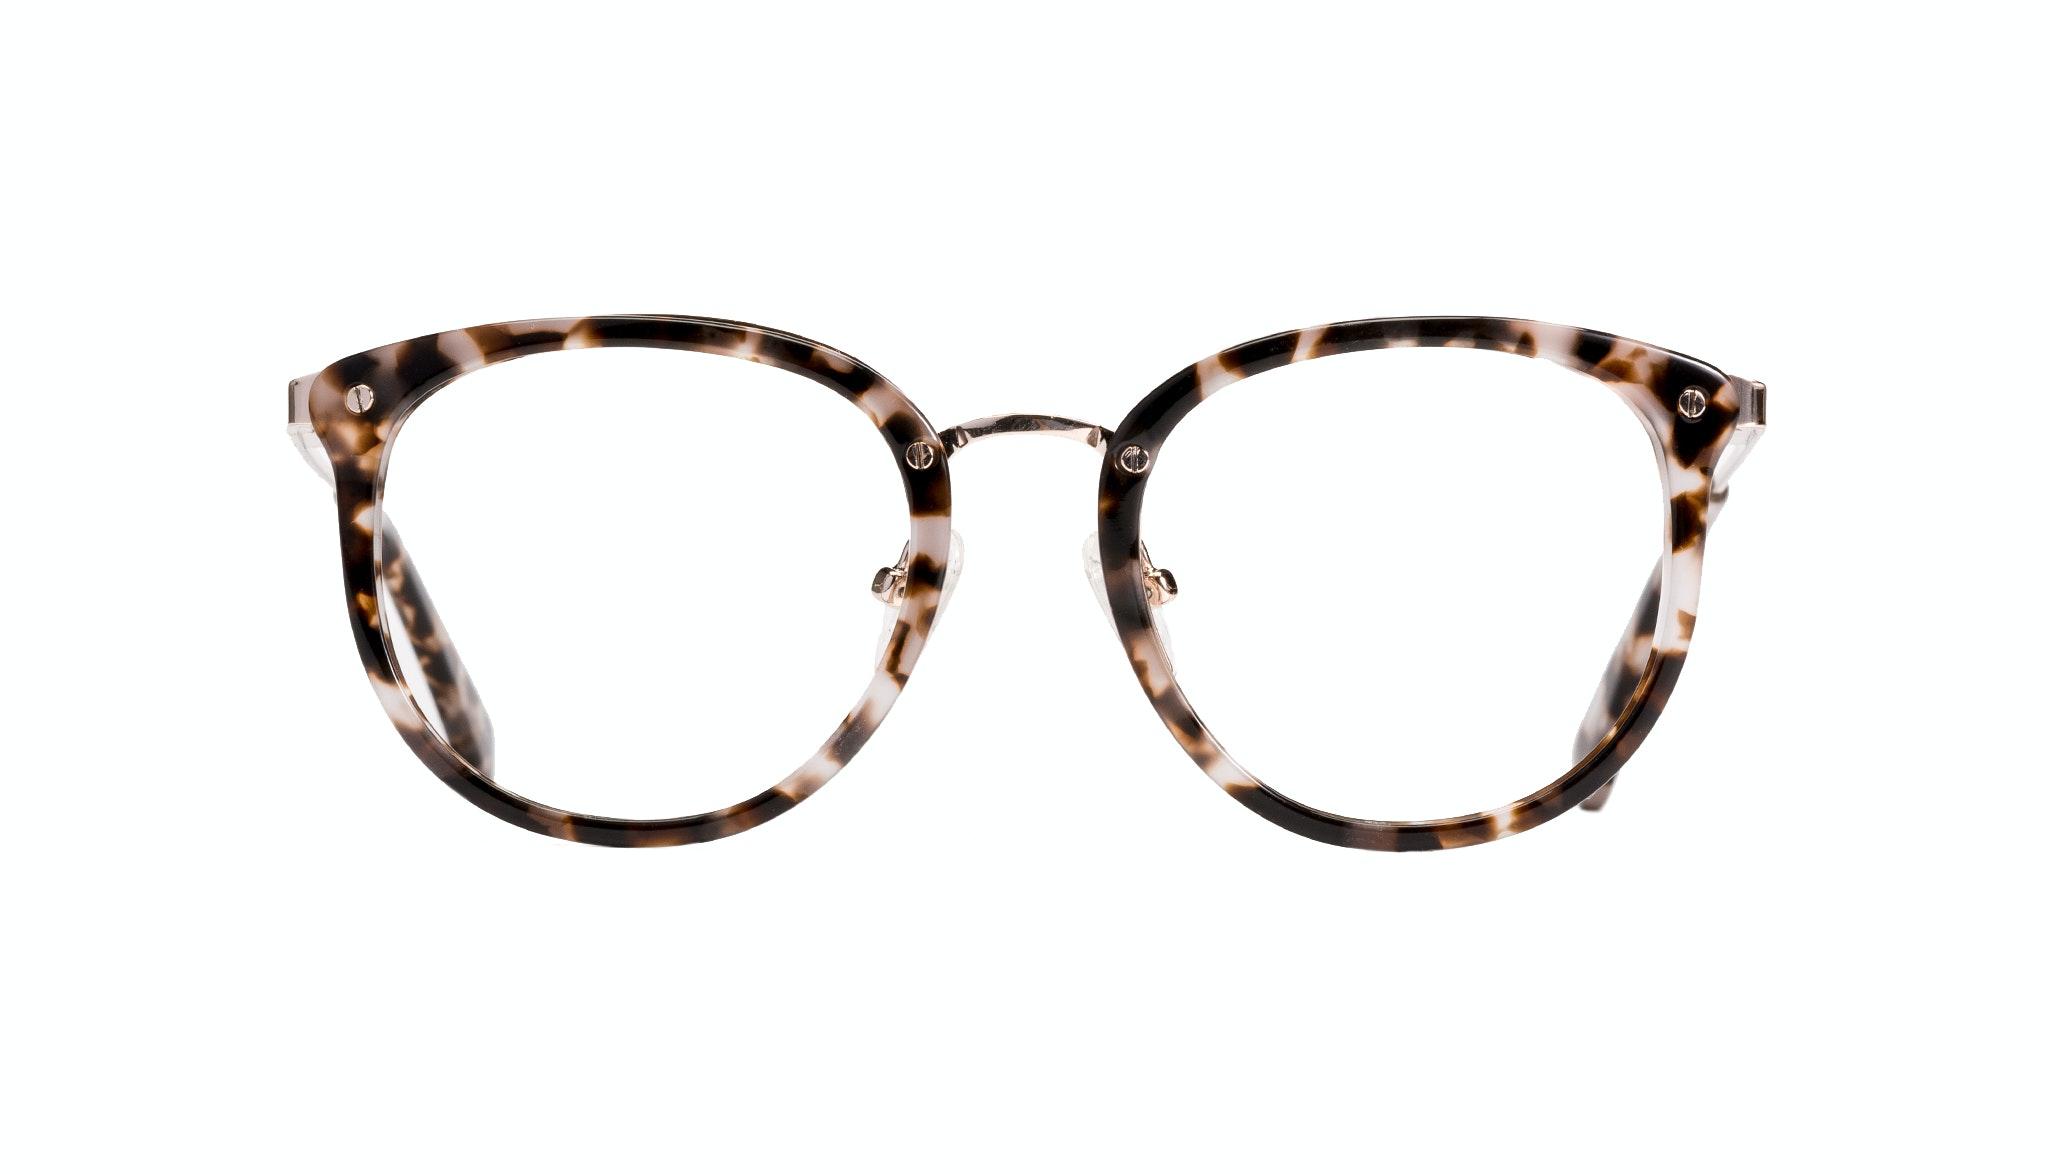 Affordable Fashion Glasses Round Eyeglasses Women Amaze Petite Mocha Tort Front